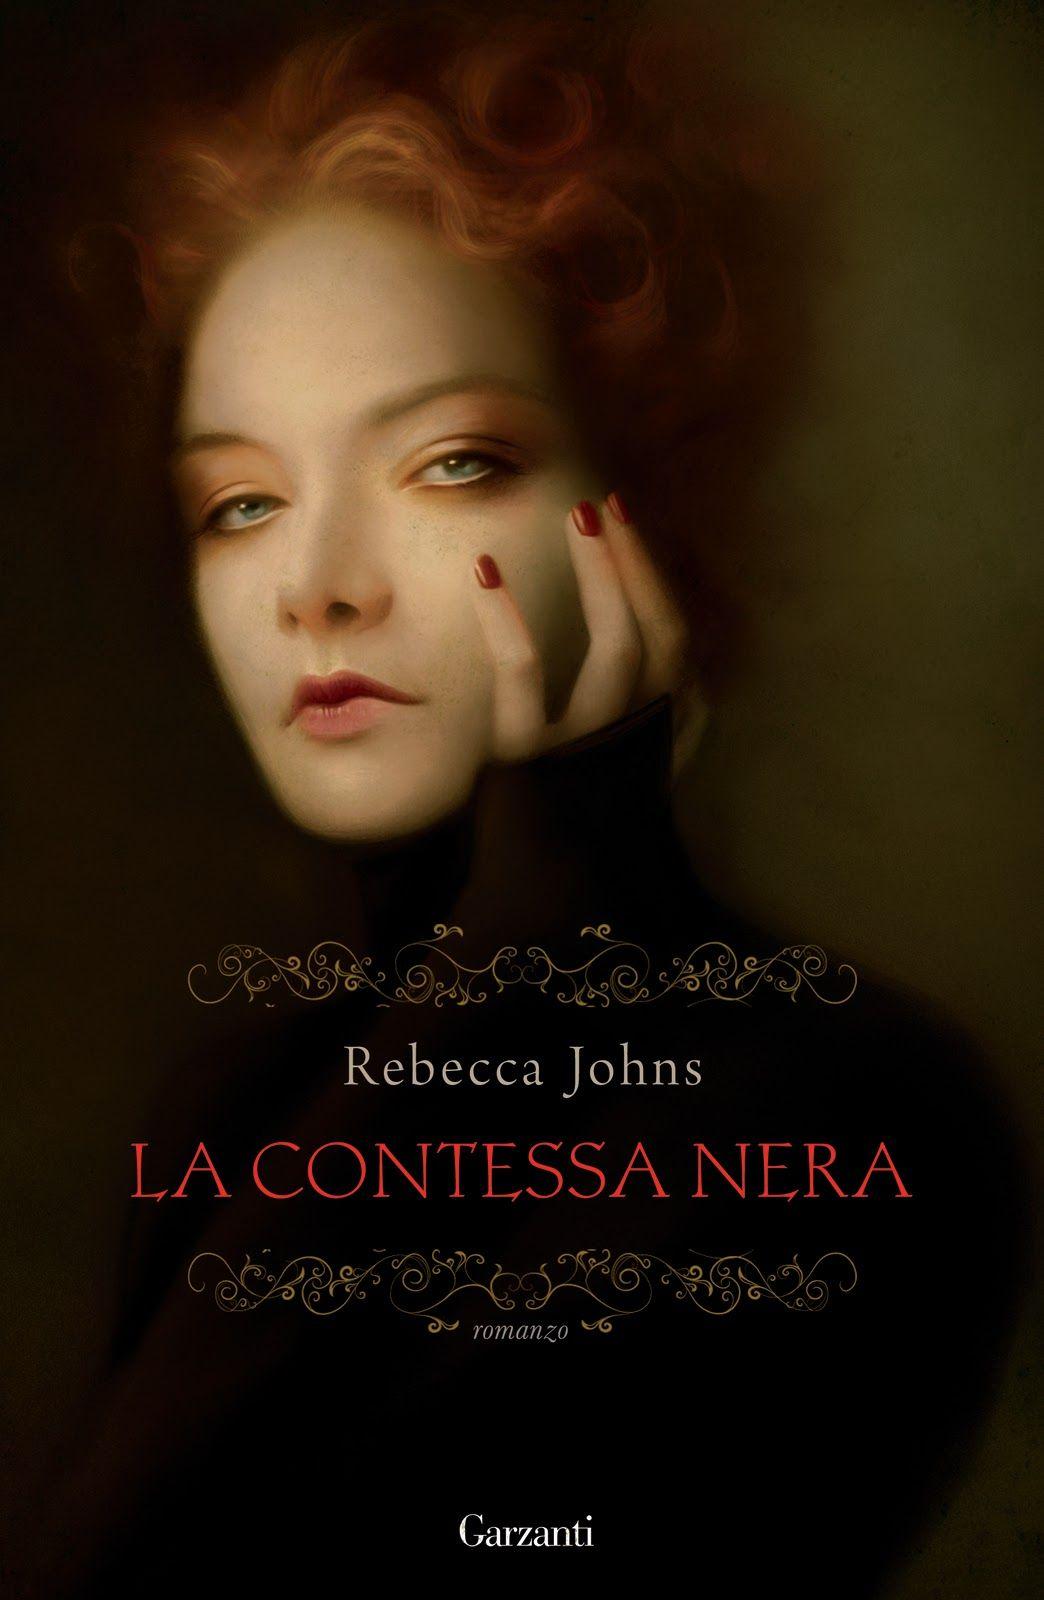 """La Fede Librovora: Recensione: """"La contessa nera"""" di Rebecca Johns"""